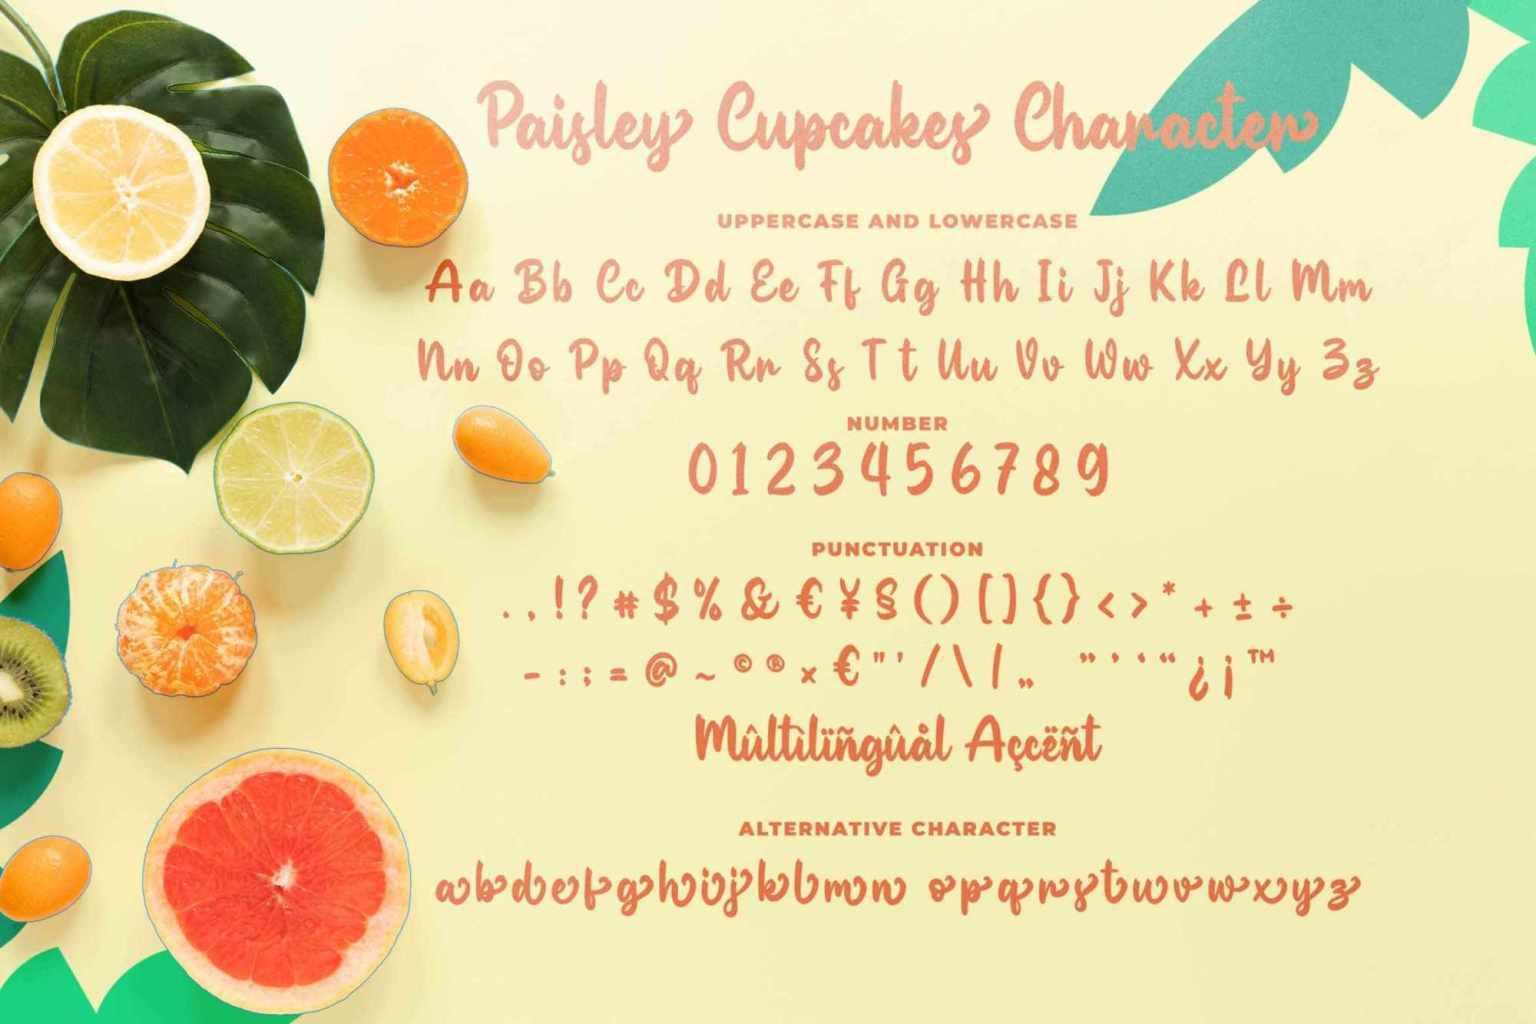 Paisley-Cupkace-Script-Font-3-2